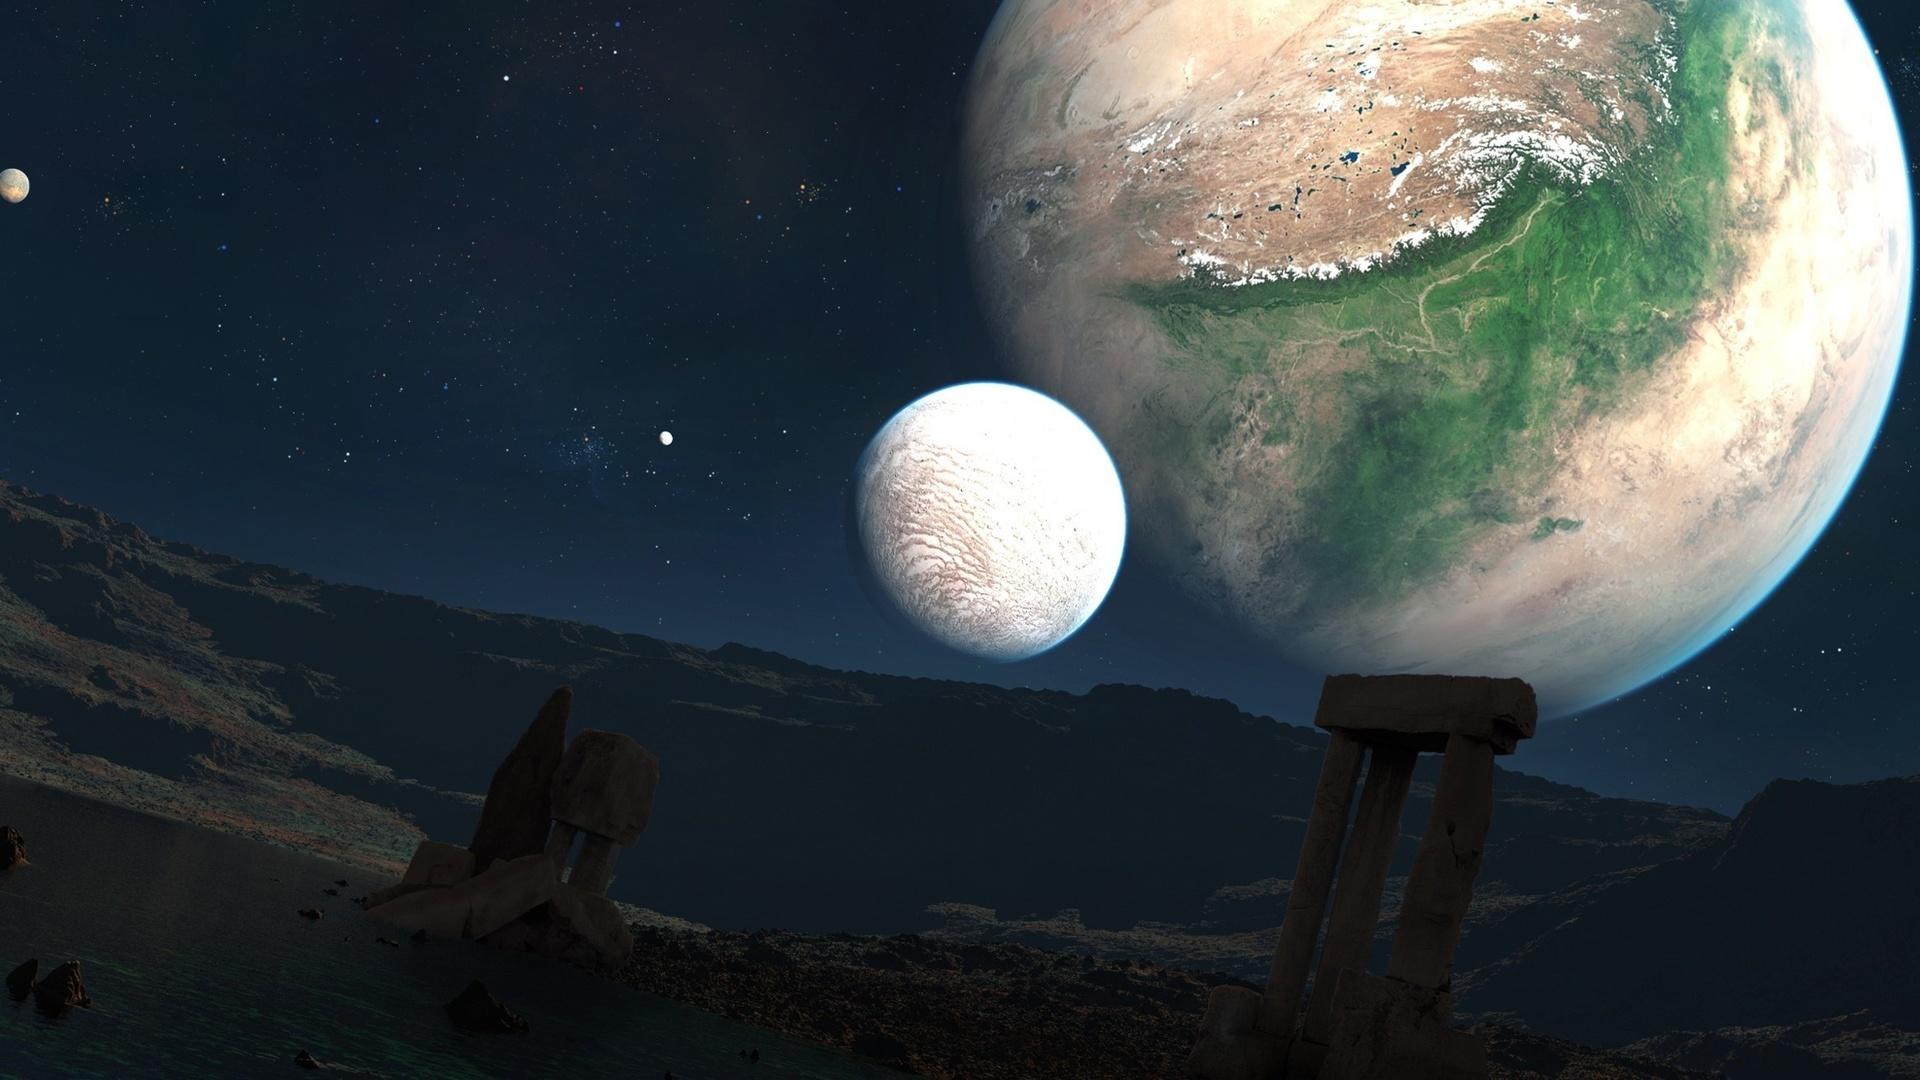 картинки луны и других планет тюнинг требует